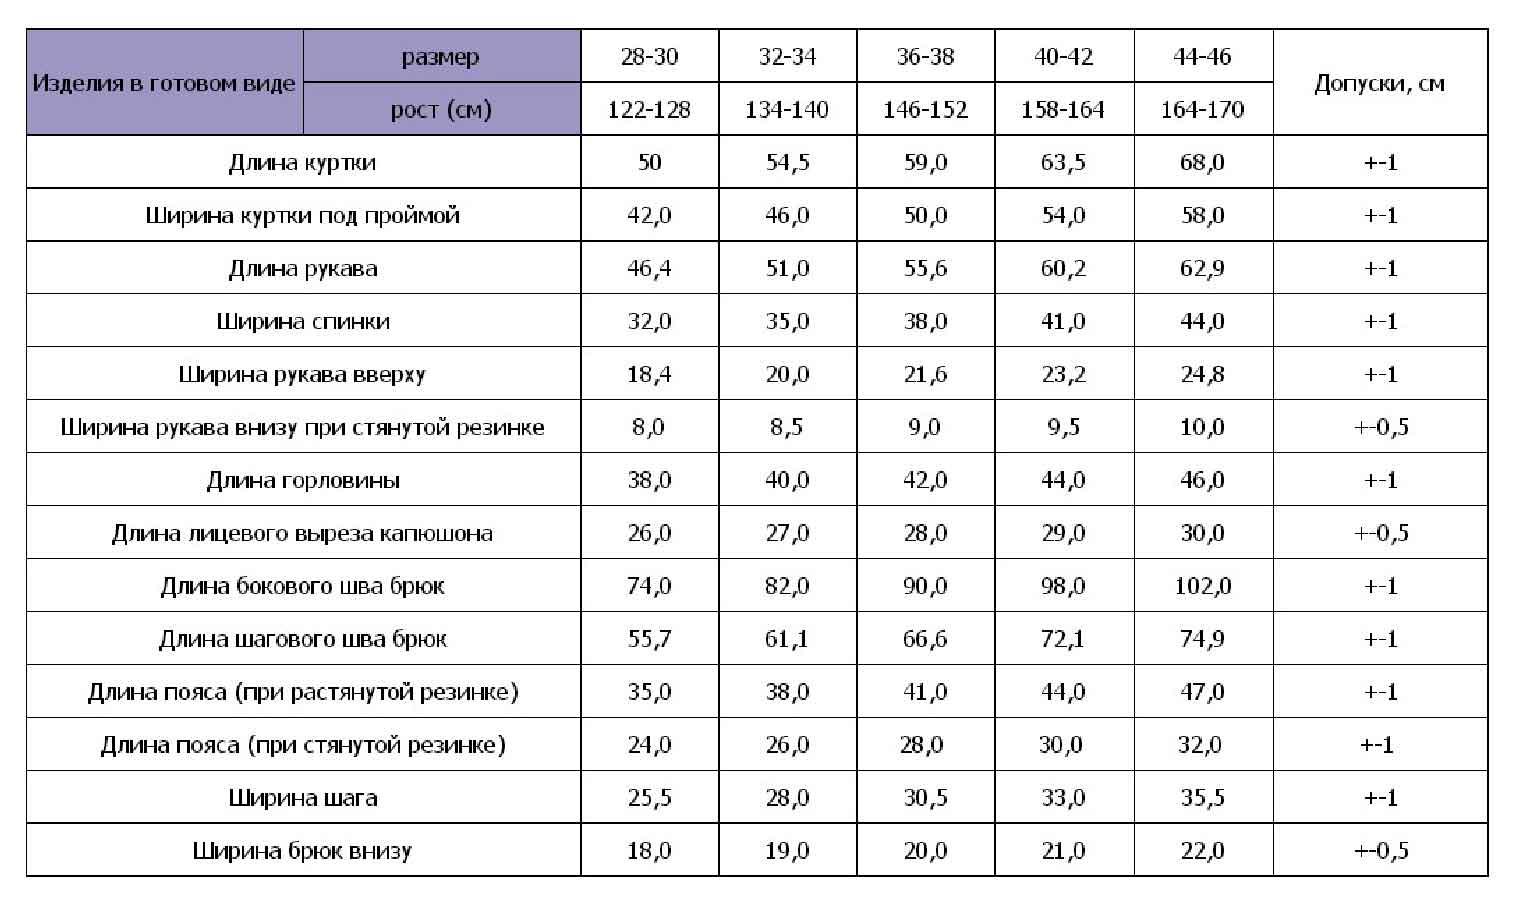 Таблица измерений готового вида детского костюма